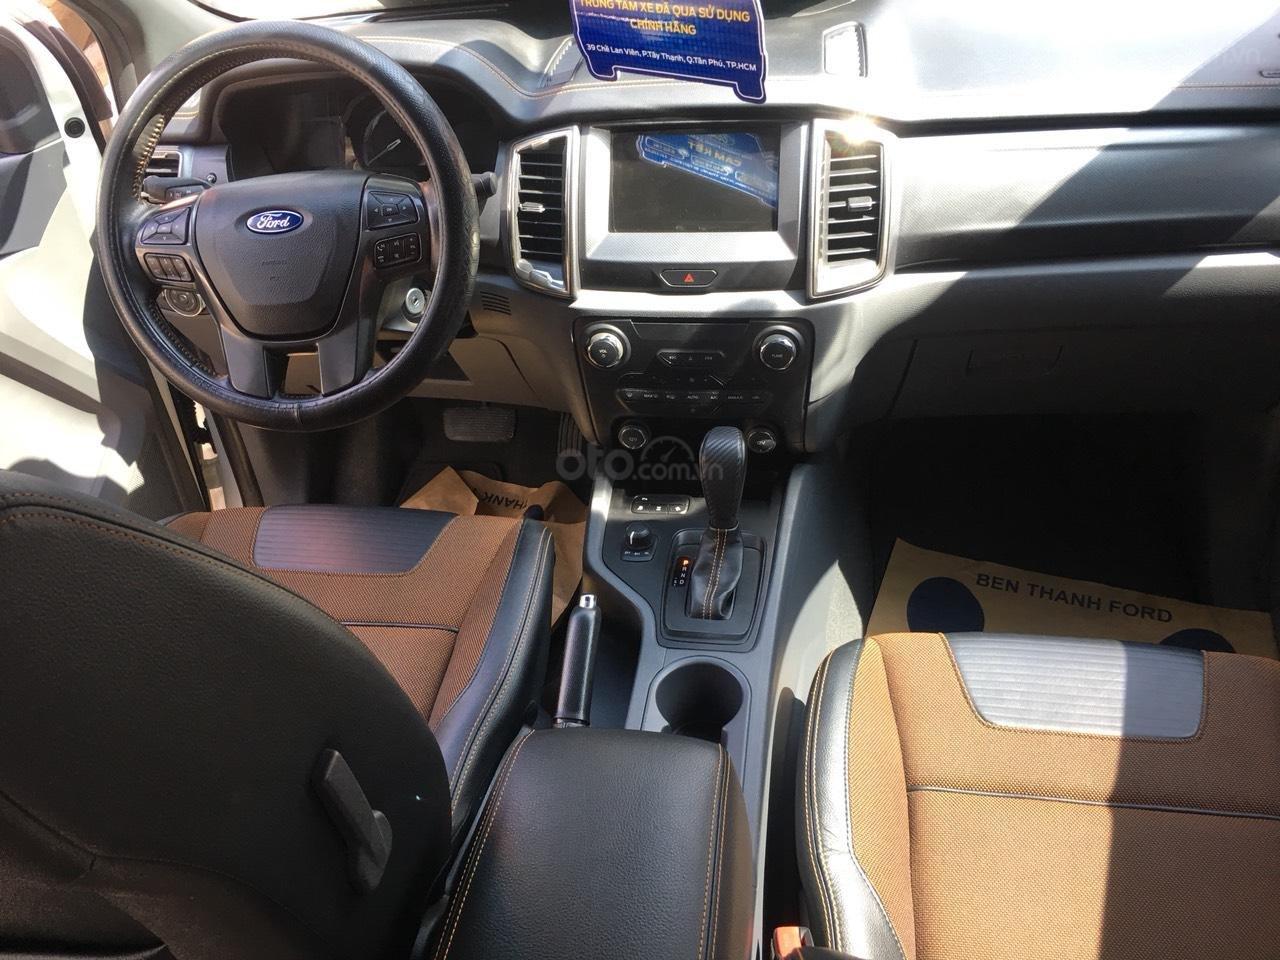 Bán xe Ford Ranger Wildtrak 3.2L đời 2015, màu trắng, xe nhập, giá chỉ 720 triệu (7)